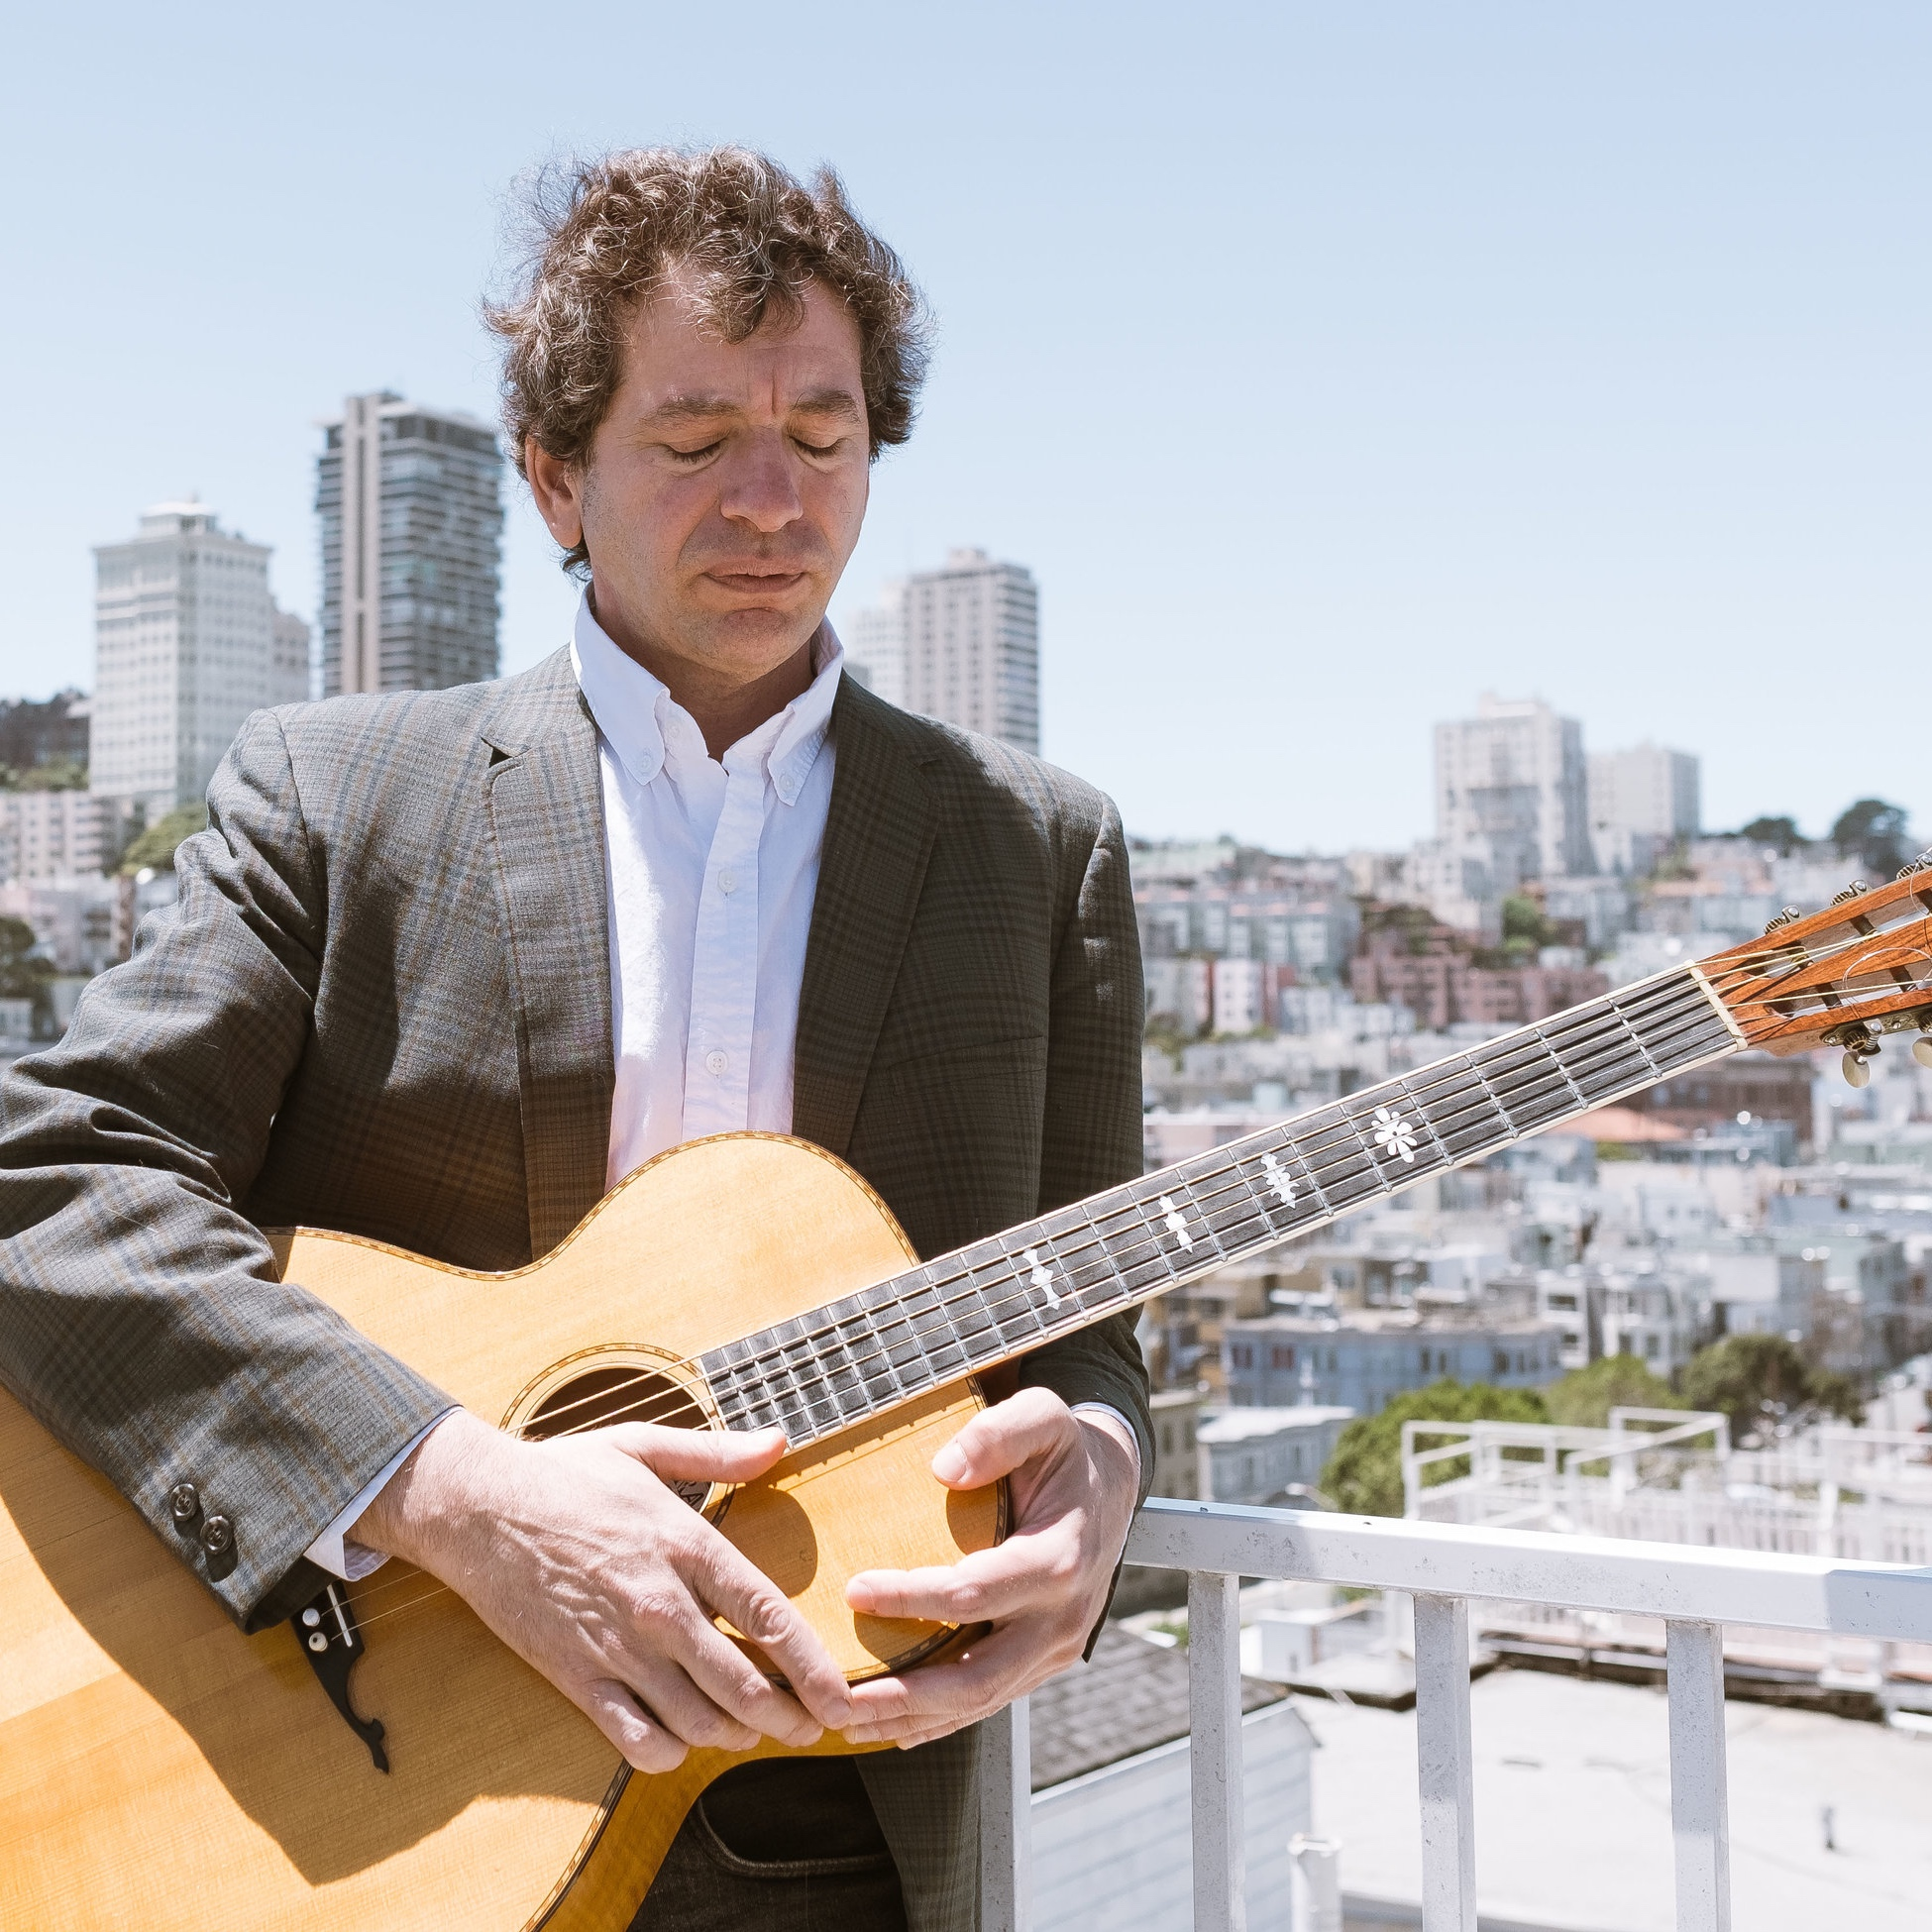 Craig+Ventresco+-+Guitarist%2C+Gaucho+Jazz